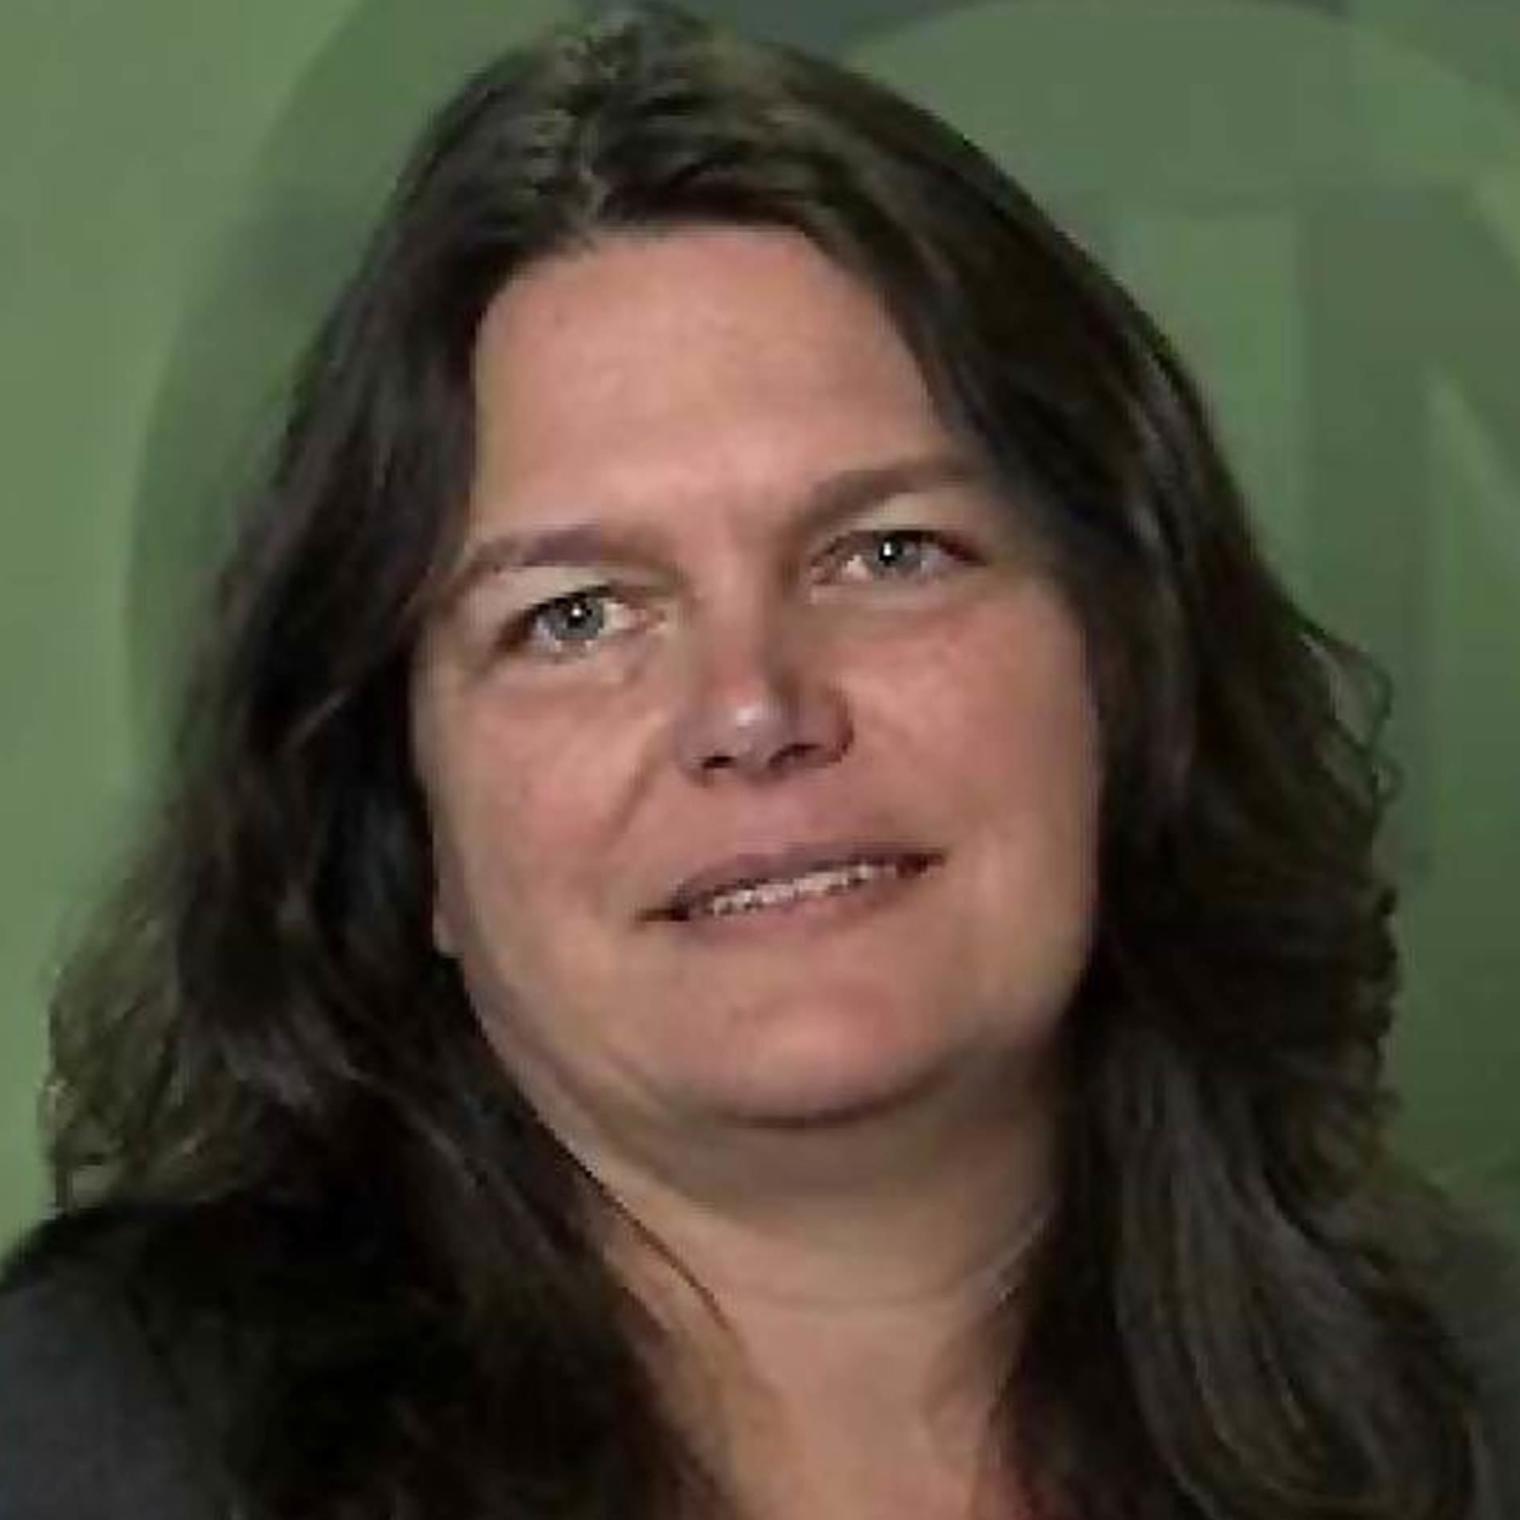 Advisor Miceli